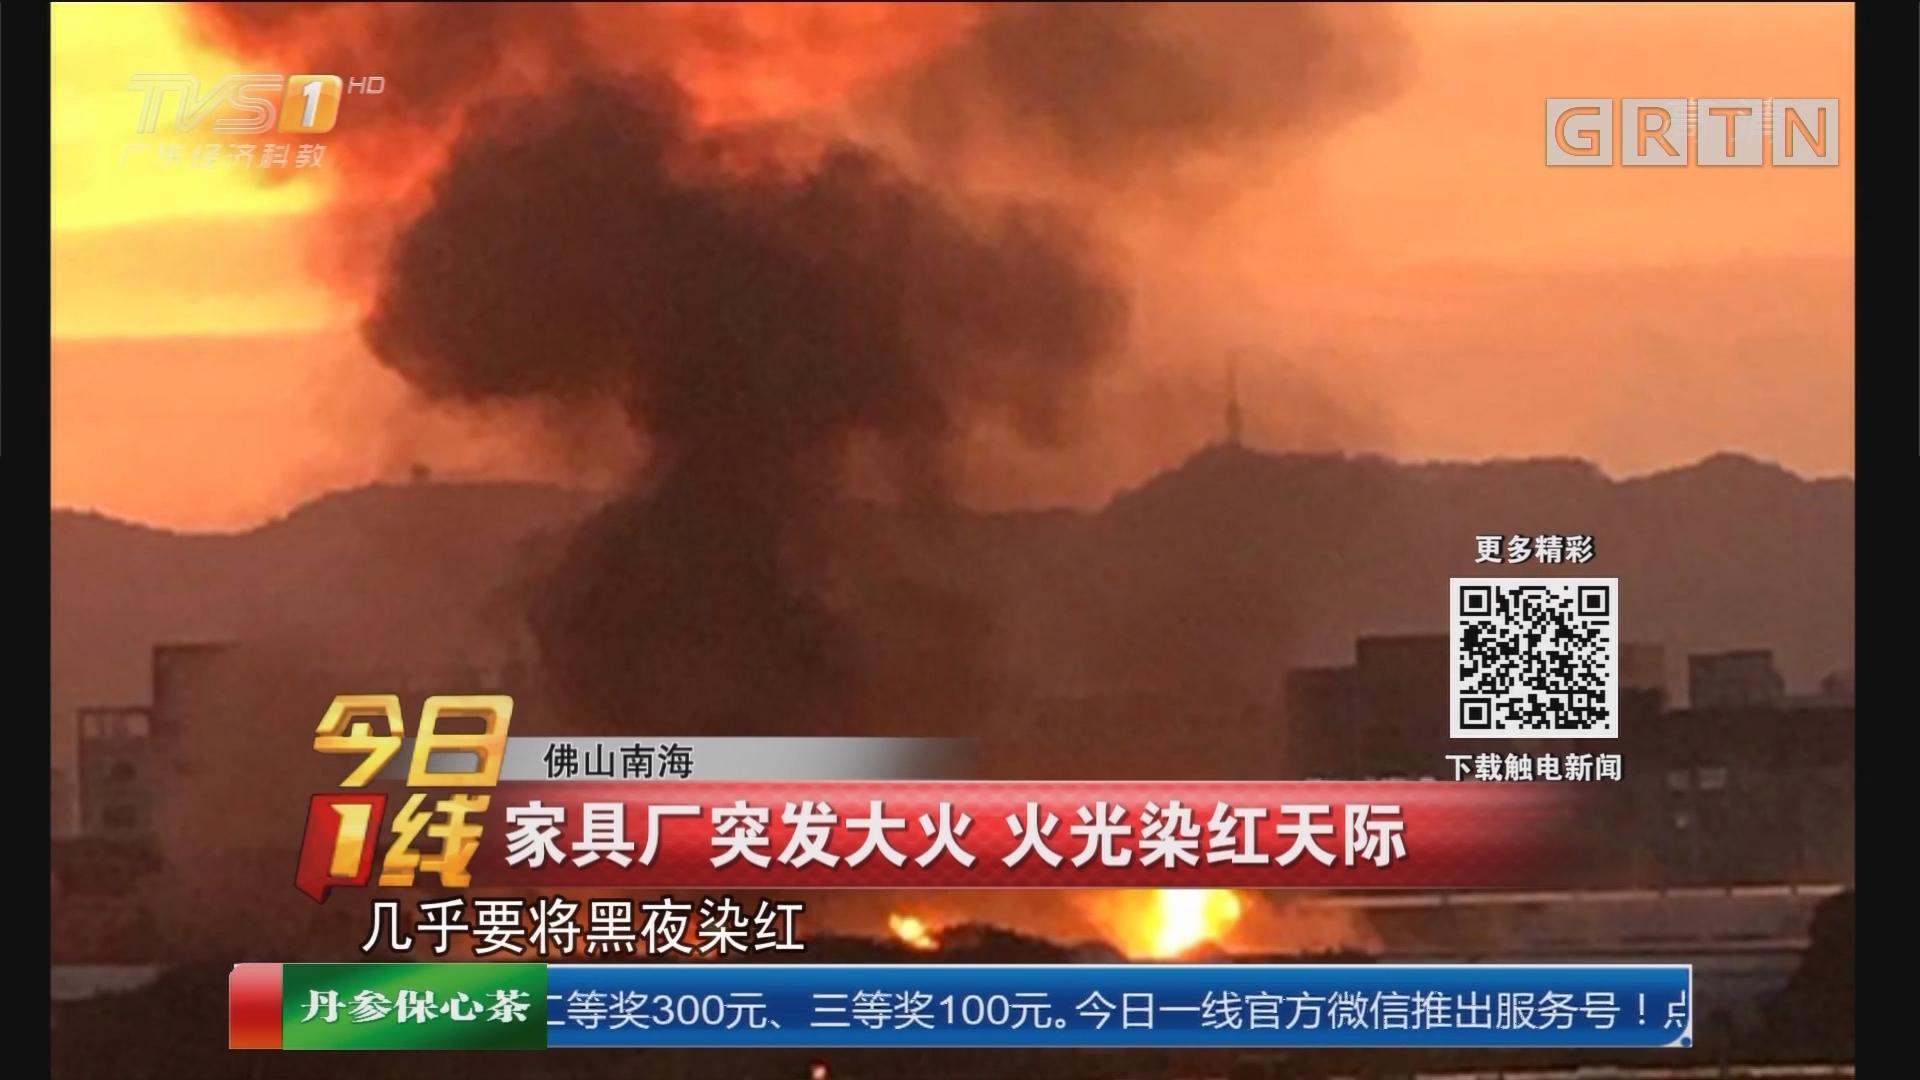 佛山南海:家具厂突发大火 火光染红天际